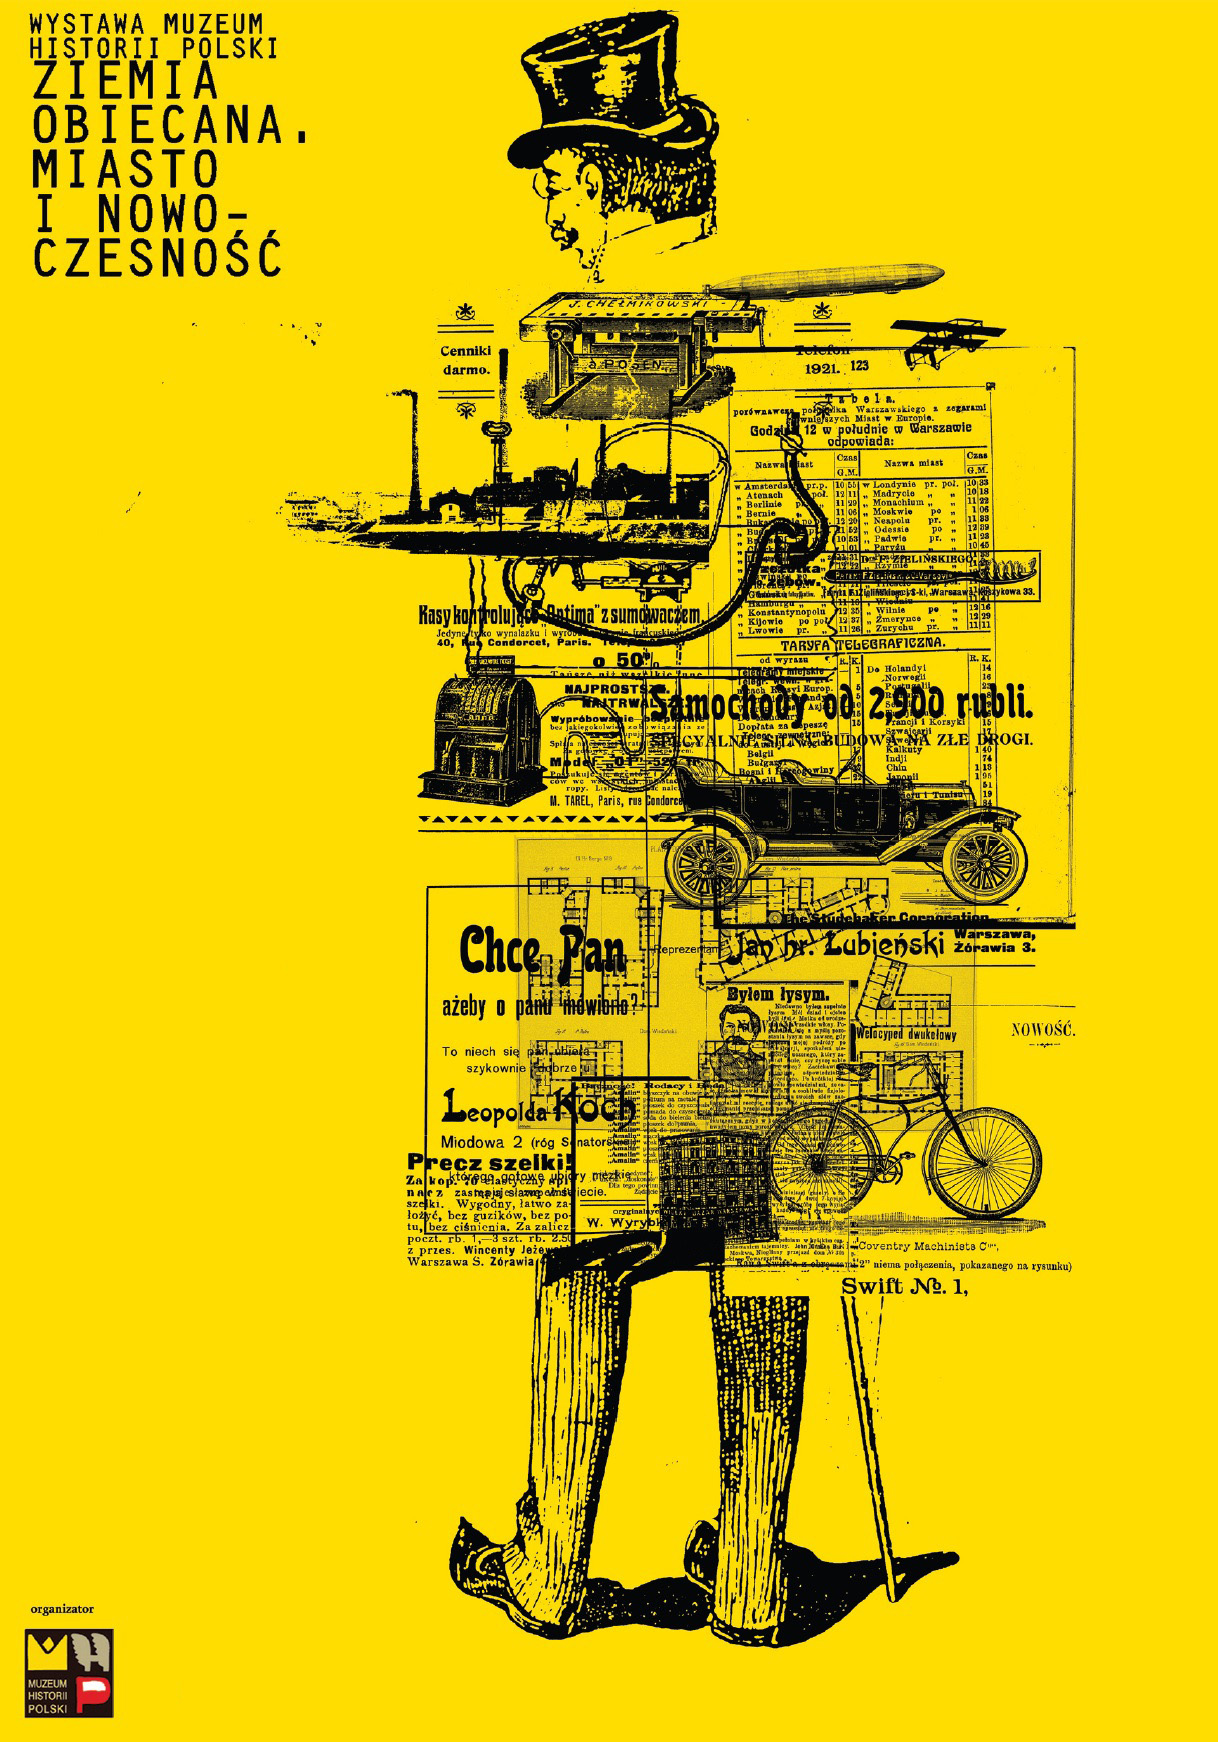 """Wystawa """"Ziemia obiecana. Miasto i nowoczesność"""", plakat (źródło: materiały prasowe organizatora)"""